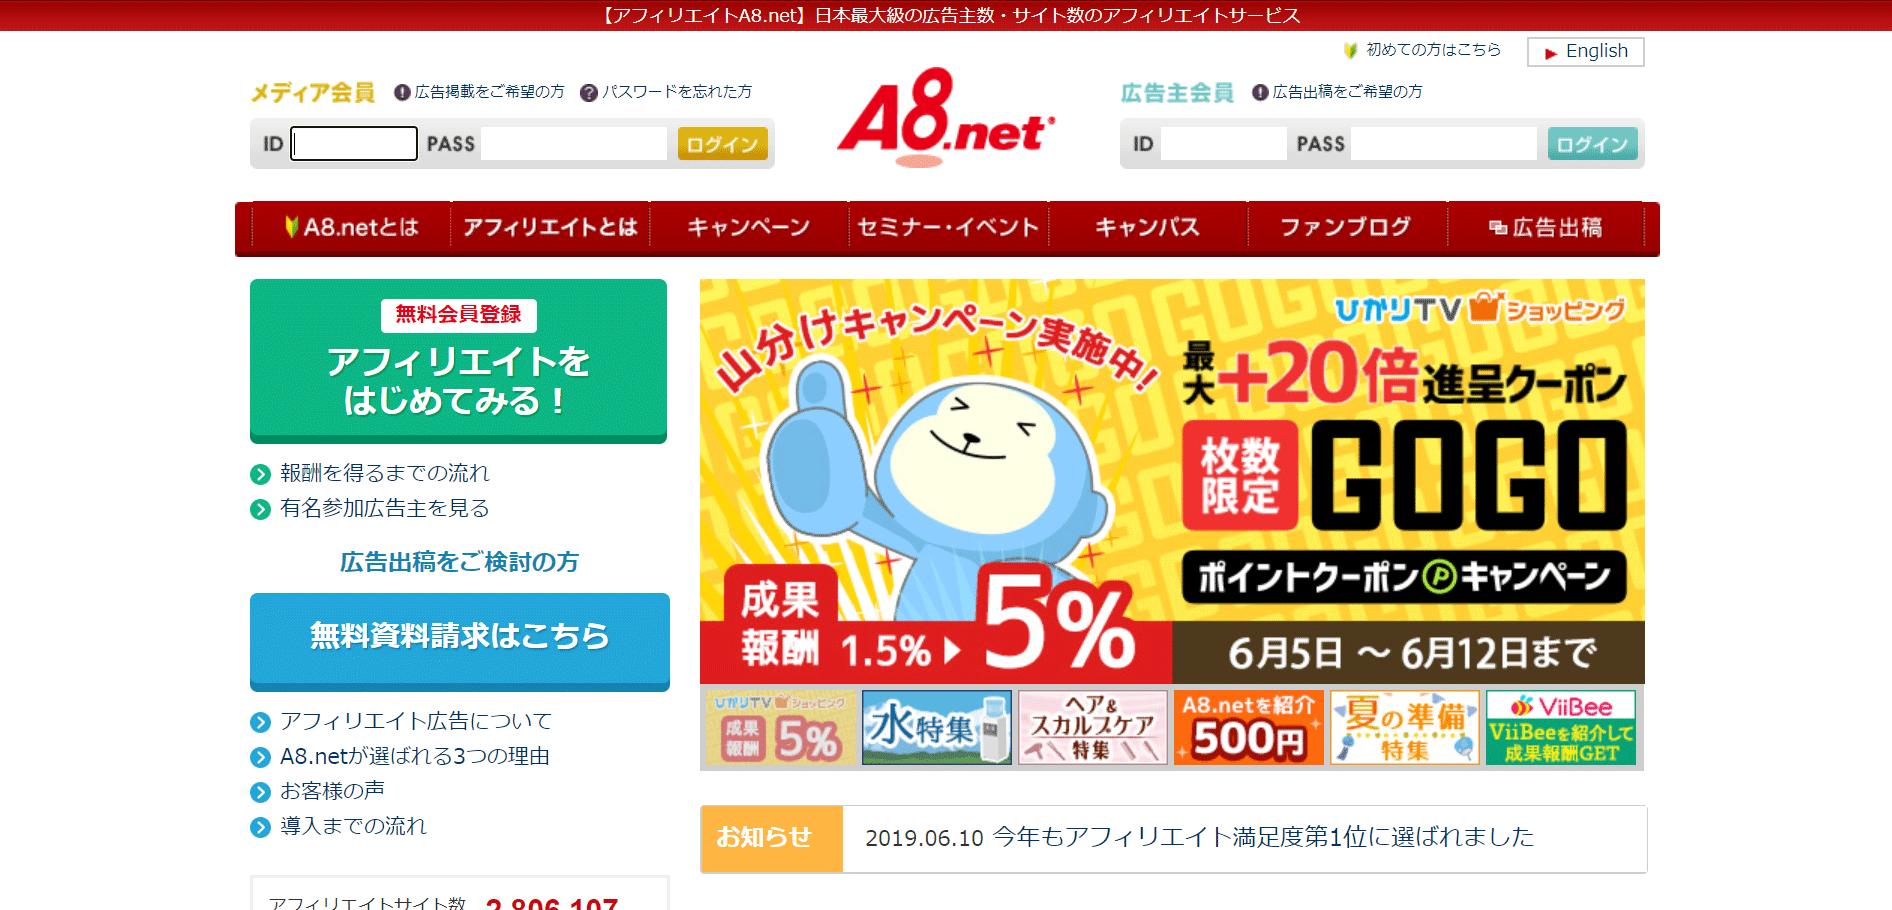 株式会社ファンコミュニケーションズ「A8.net」のスクリーンショット